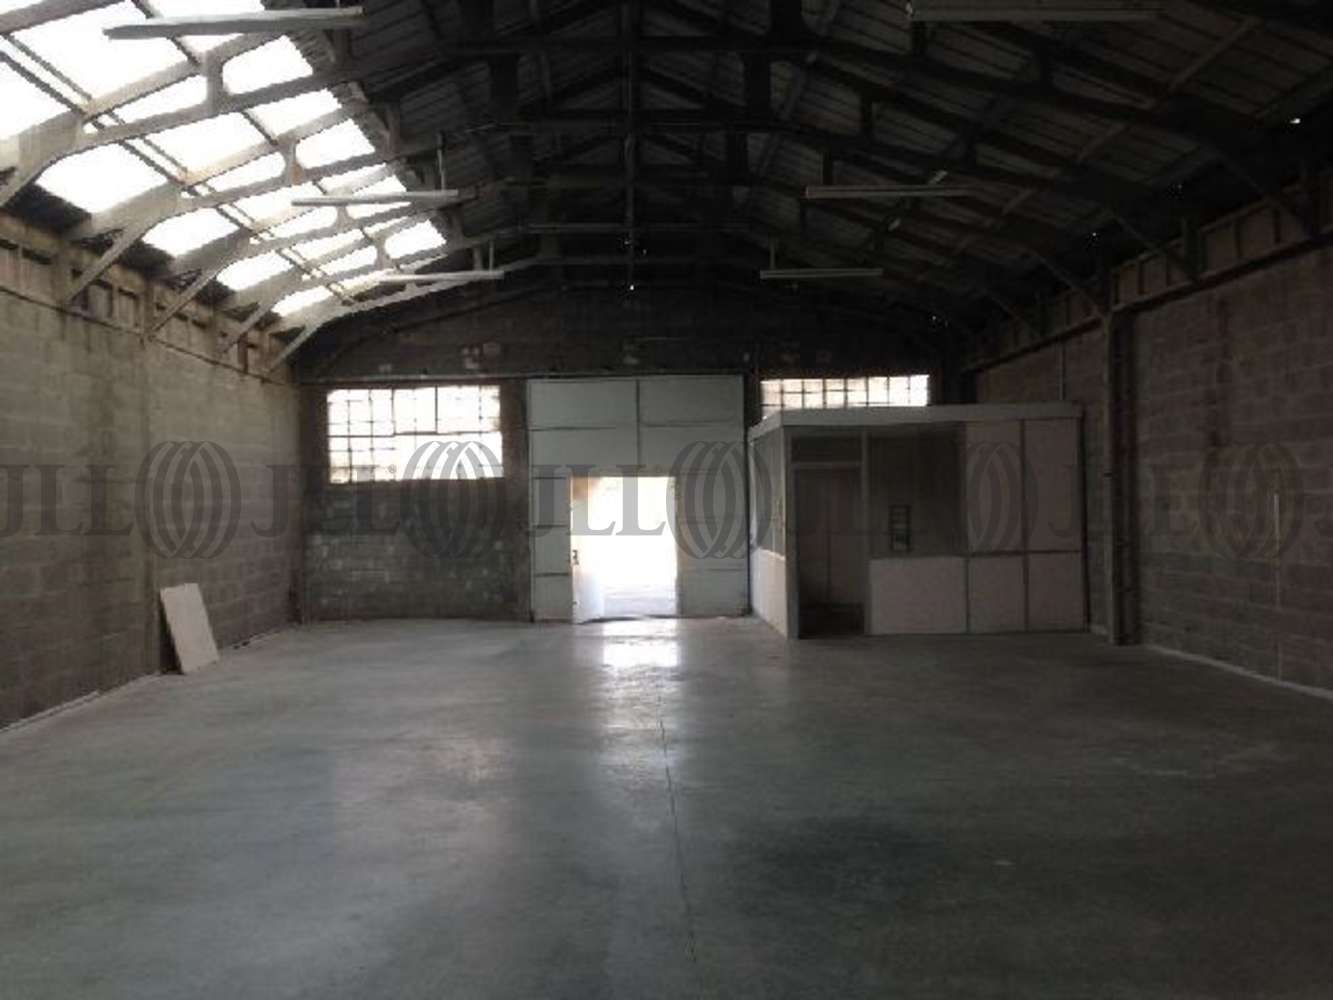 Activités/entrepôt Grigny, 69520 - Location entrepot Lyon / Grigny (Rhône) - 9539749